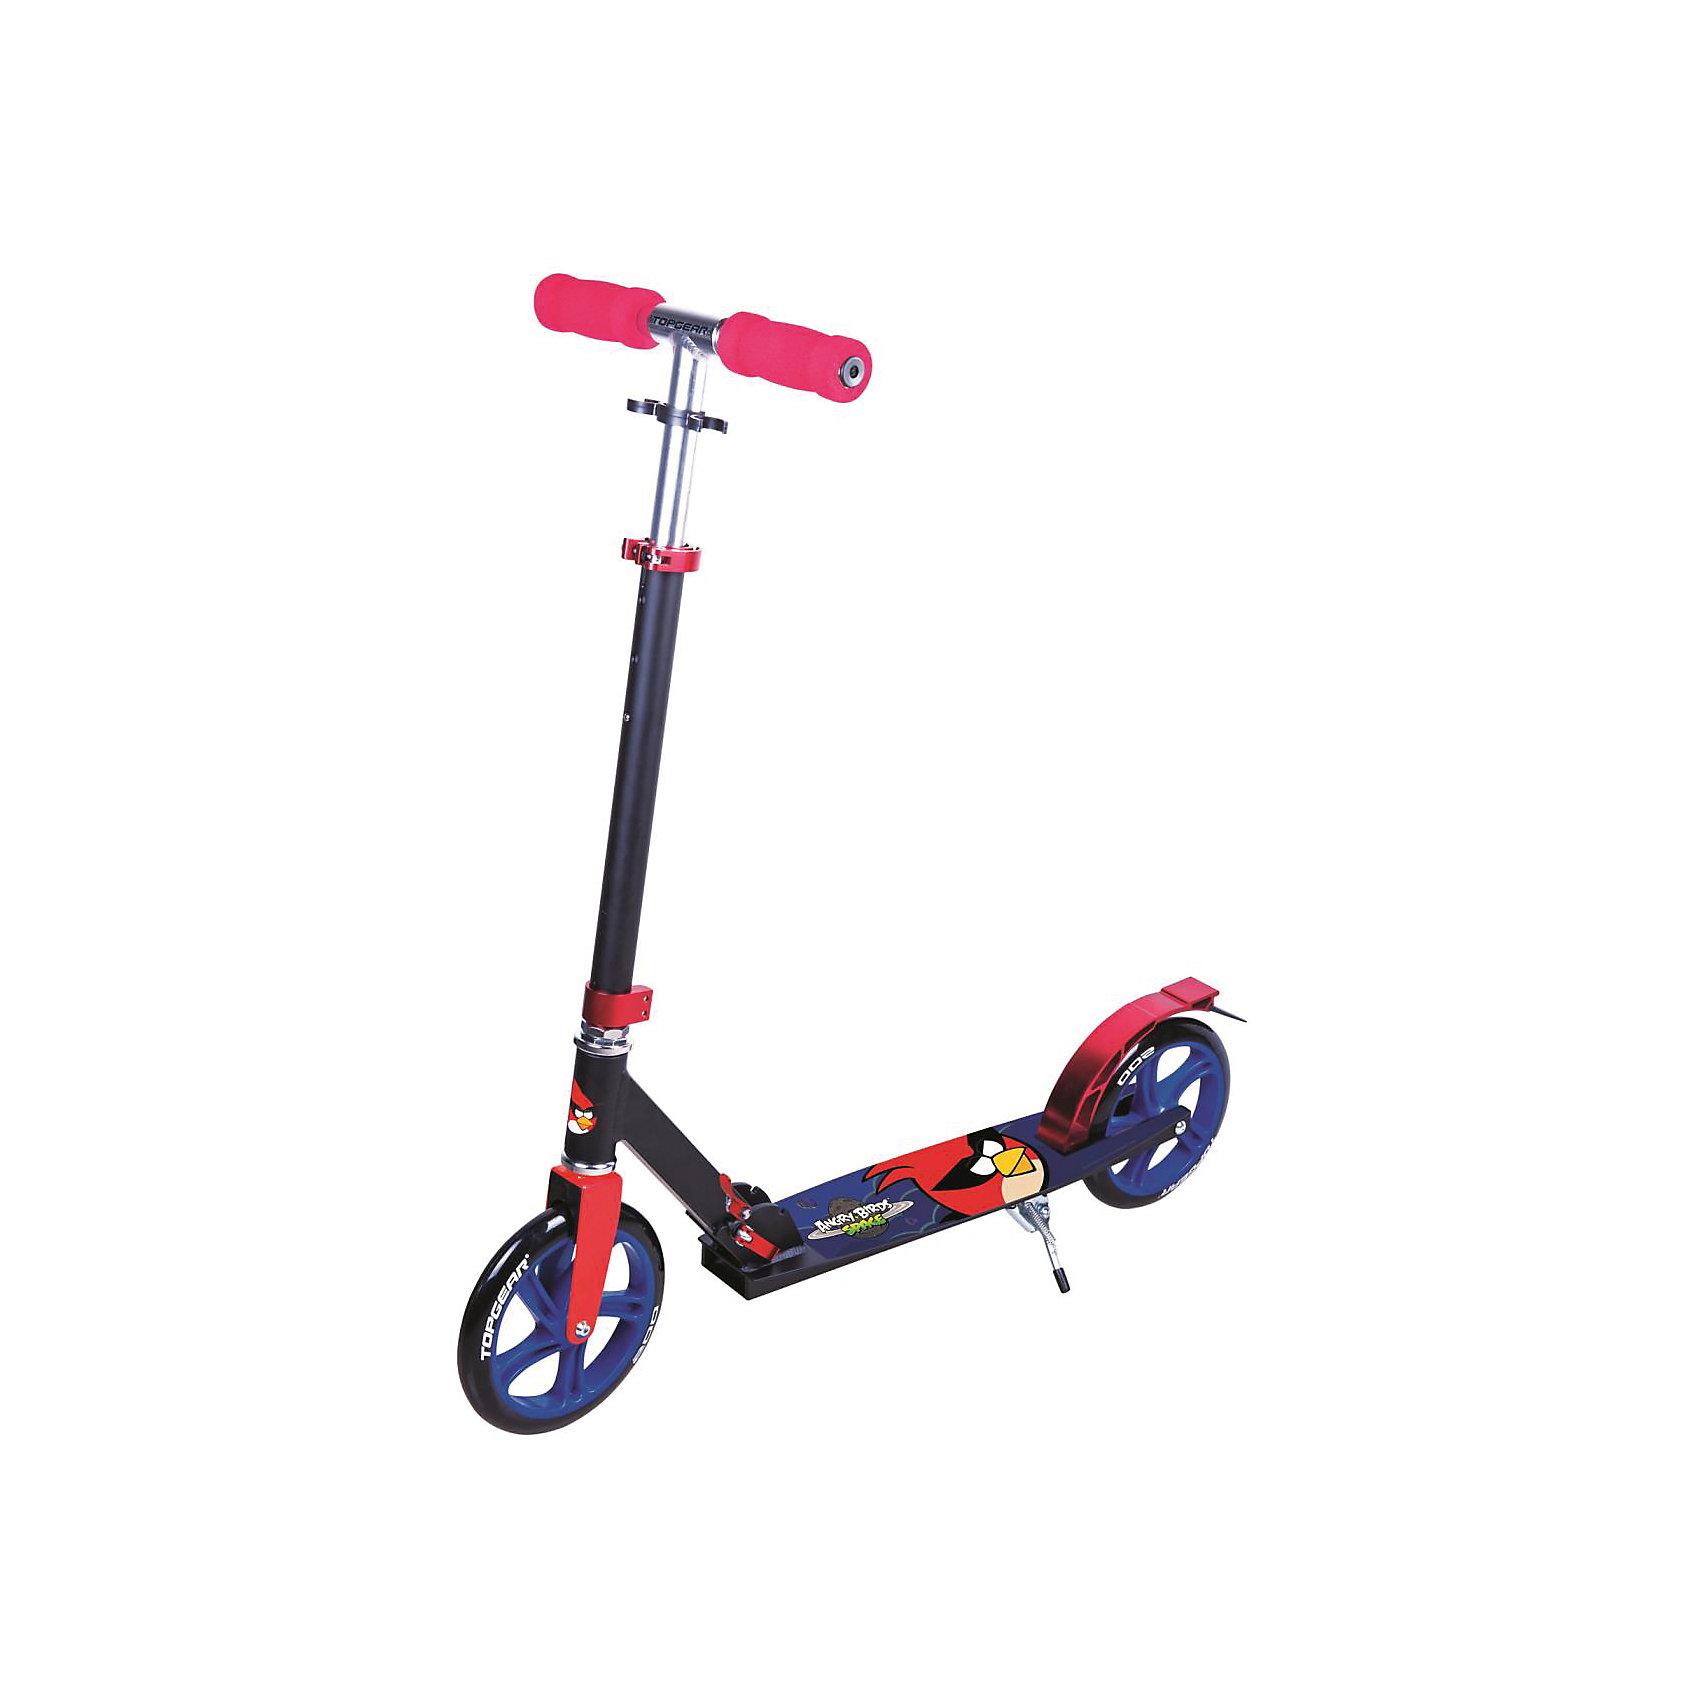 Самокат Angry Birds, Top GearДвухколесный самокат с ярким дизайном и популярной лицензией ANGRY BIRDS (Энгри Бердс) c большими колесами для мальчиков и девочек. <br><br>Дополнительная информация:<br><br>Выдерживает нагрузку до 100 кг. <br>2-колеса<br>Рама: алюминий<br>Колеса: полиуретановые диаметром 200мм<br>подножка, тормоз, <br>Размер самоката:  92 х 11 х 102 см<br><br>Самокат Angry Birds, Top Gear можно купить в нашем магазине.<br><br>Ширина мм: 780<br>Глубина мм: 130<br>Высота мм: 220<br>Вес г: 4635<br>Возраст от месяцев: 60<br>Возраст до месяцев: 120<br>Пол: Унисекс<br>Возраст: Детский<br>SKU: 4655088